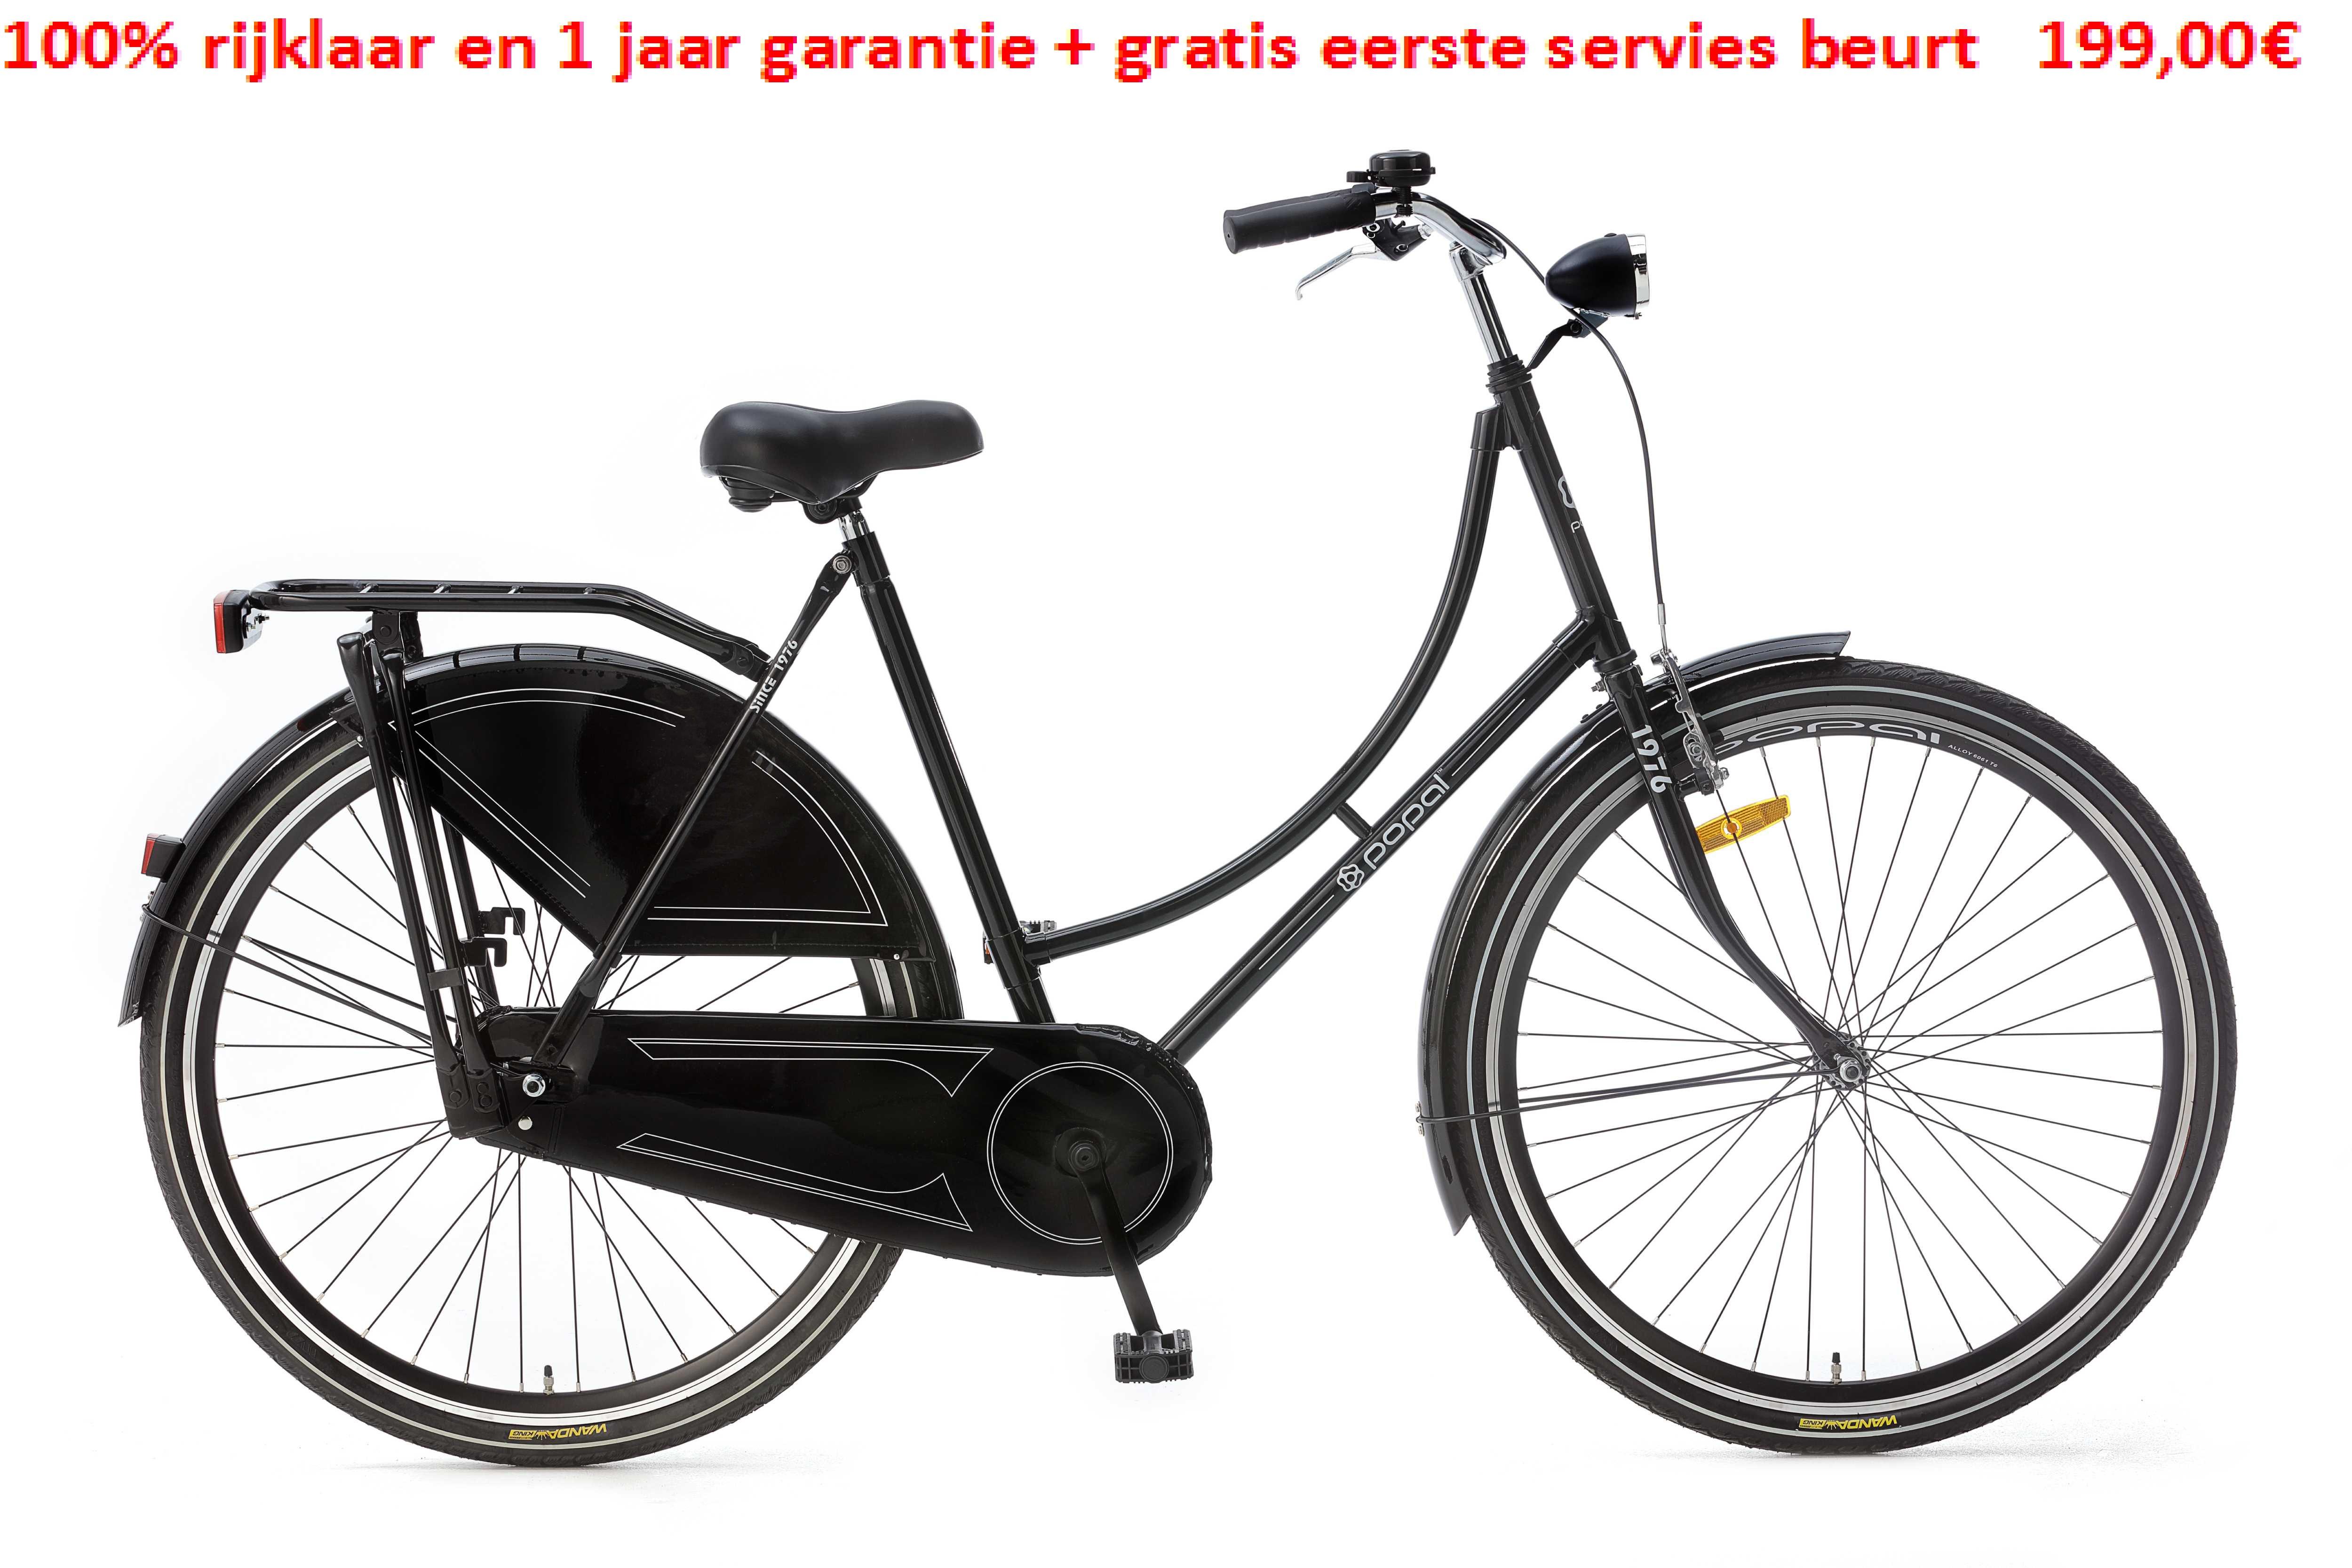 Omafiets 28 Basic 1speed 100% rijklaar en 1 jaar garantie + gratis eerste servies beurt   199,00€